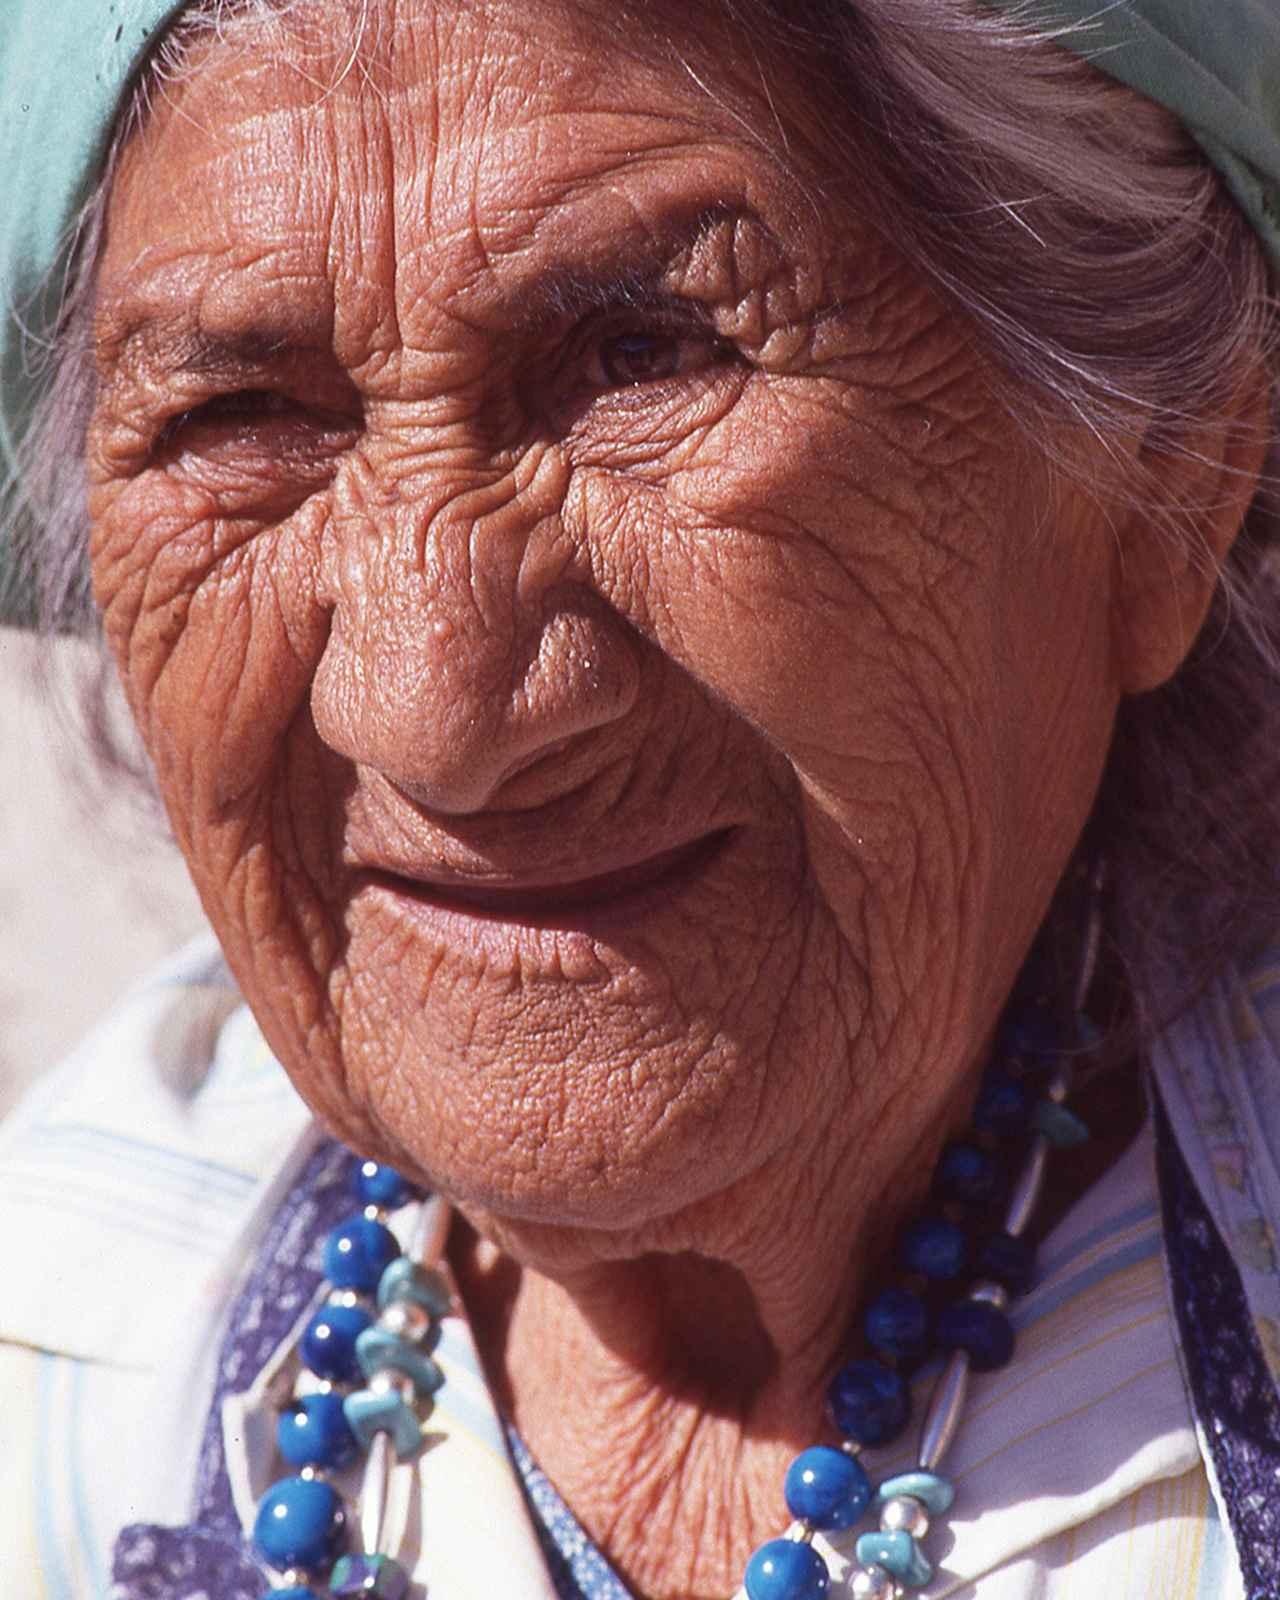 Images : 4番目の画像 - 「私的な旅遺産<Vol.7> プエブロ・インディアンの村 〜マザーアースの土器」のアルバム - T JAPAN:The New York Times Style Magazine 公式サイト